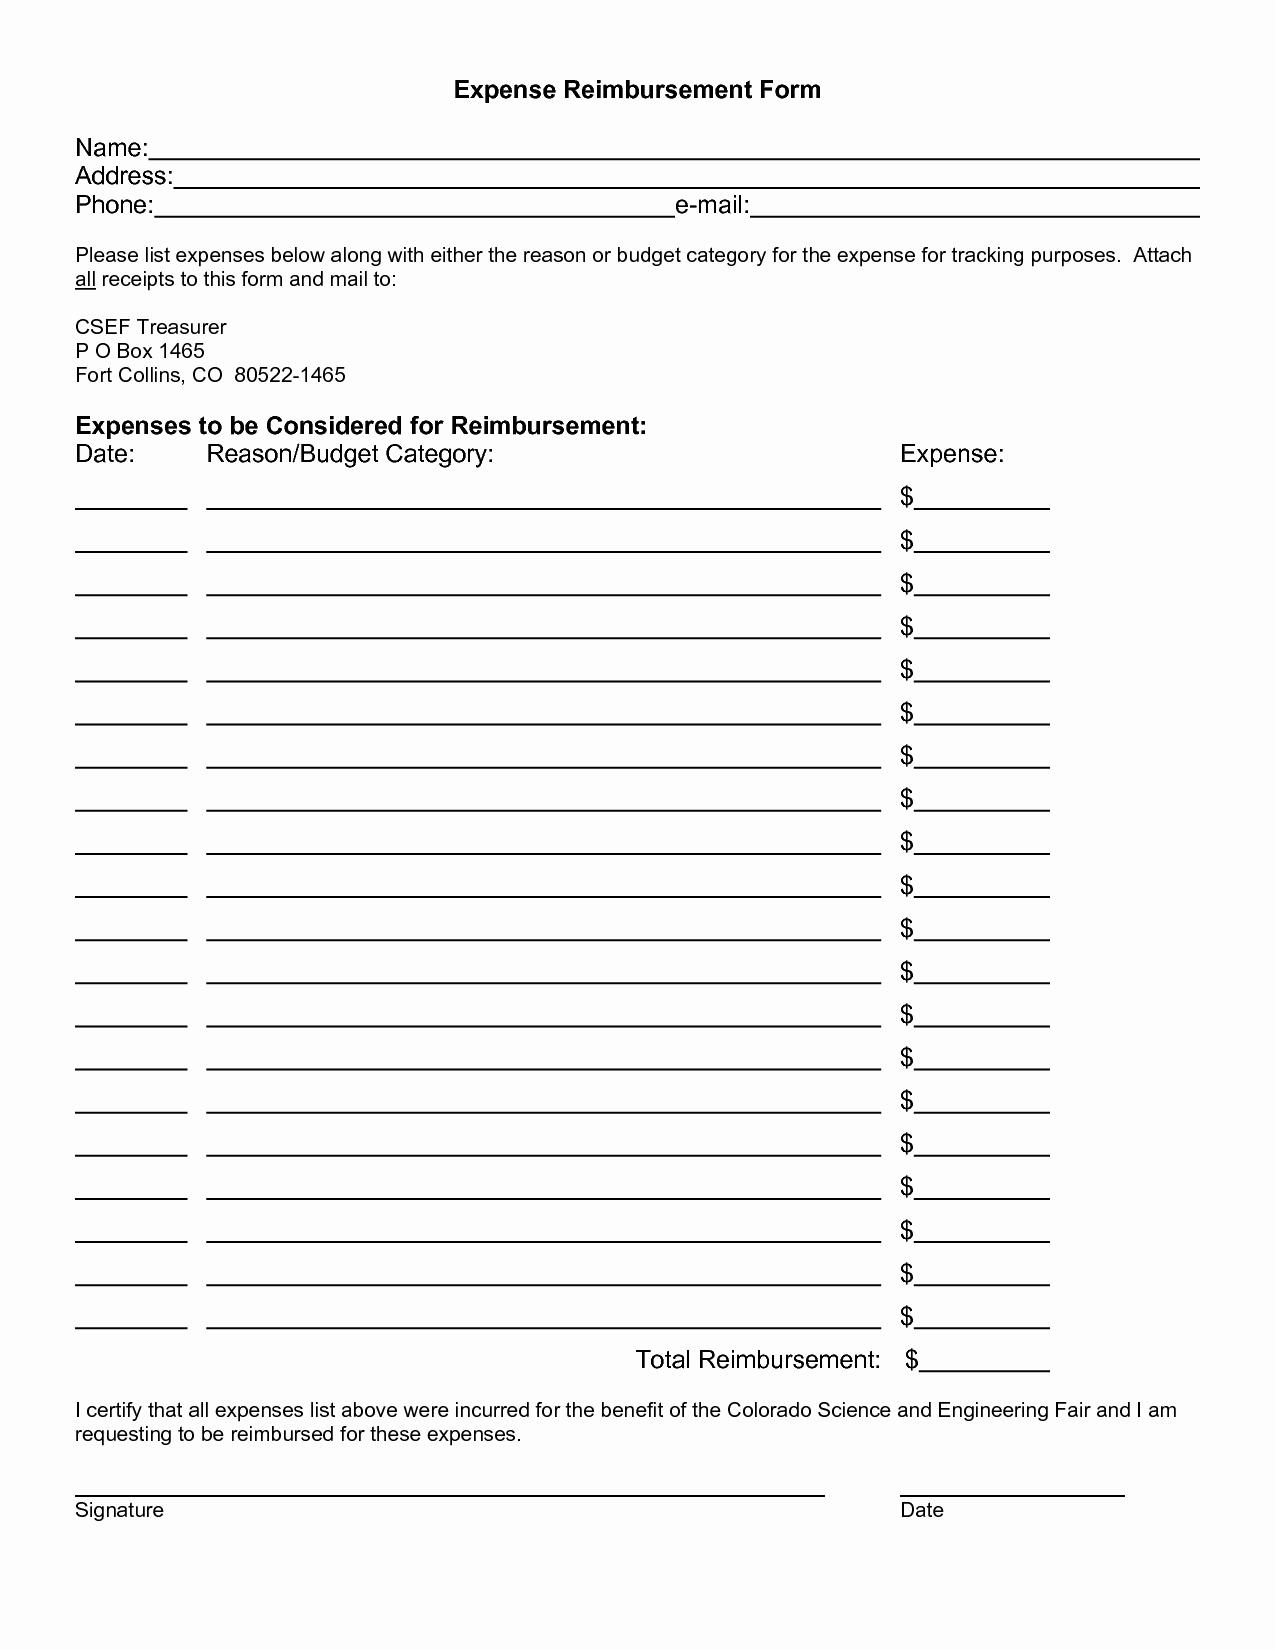 Reimbursement Request form Template Beautiful Expense Reimbursement Template Portablegasgrillweber